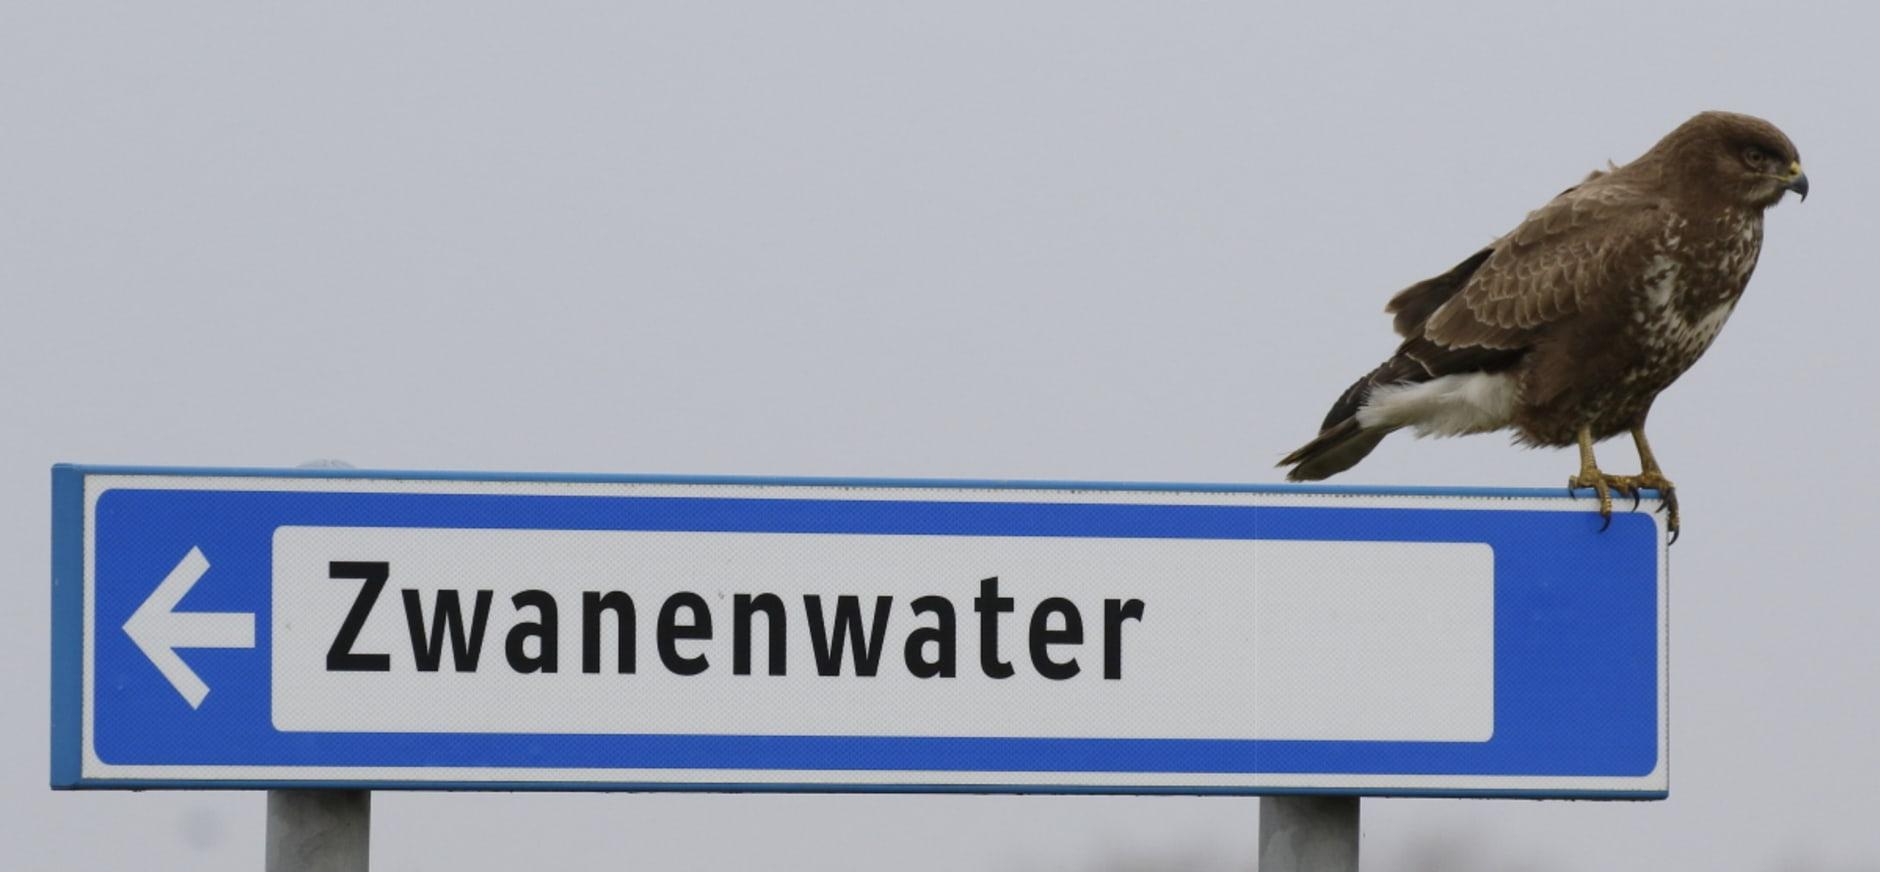 Zwanenwater